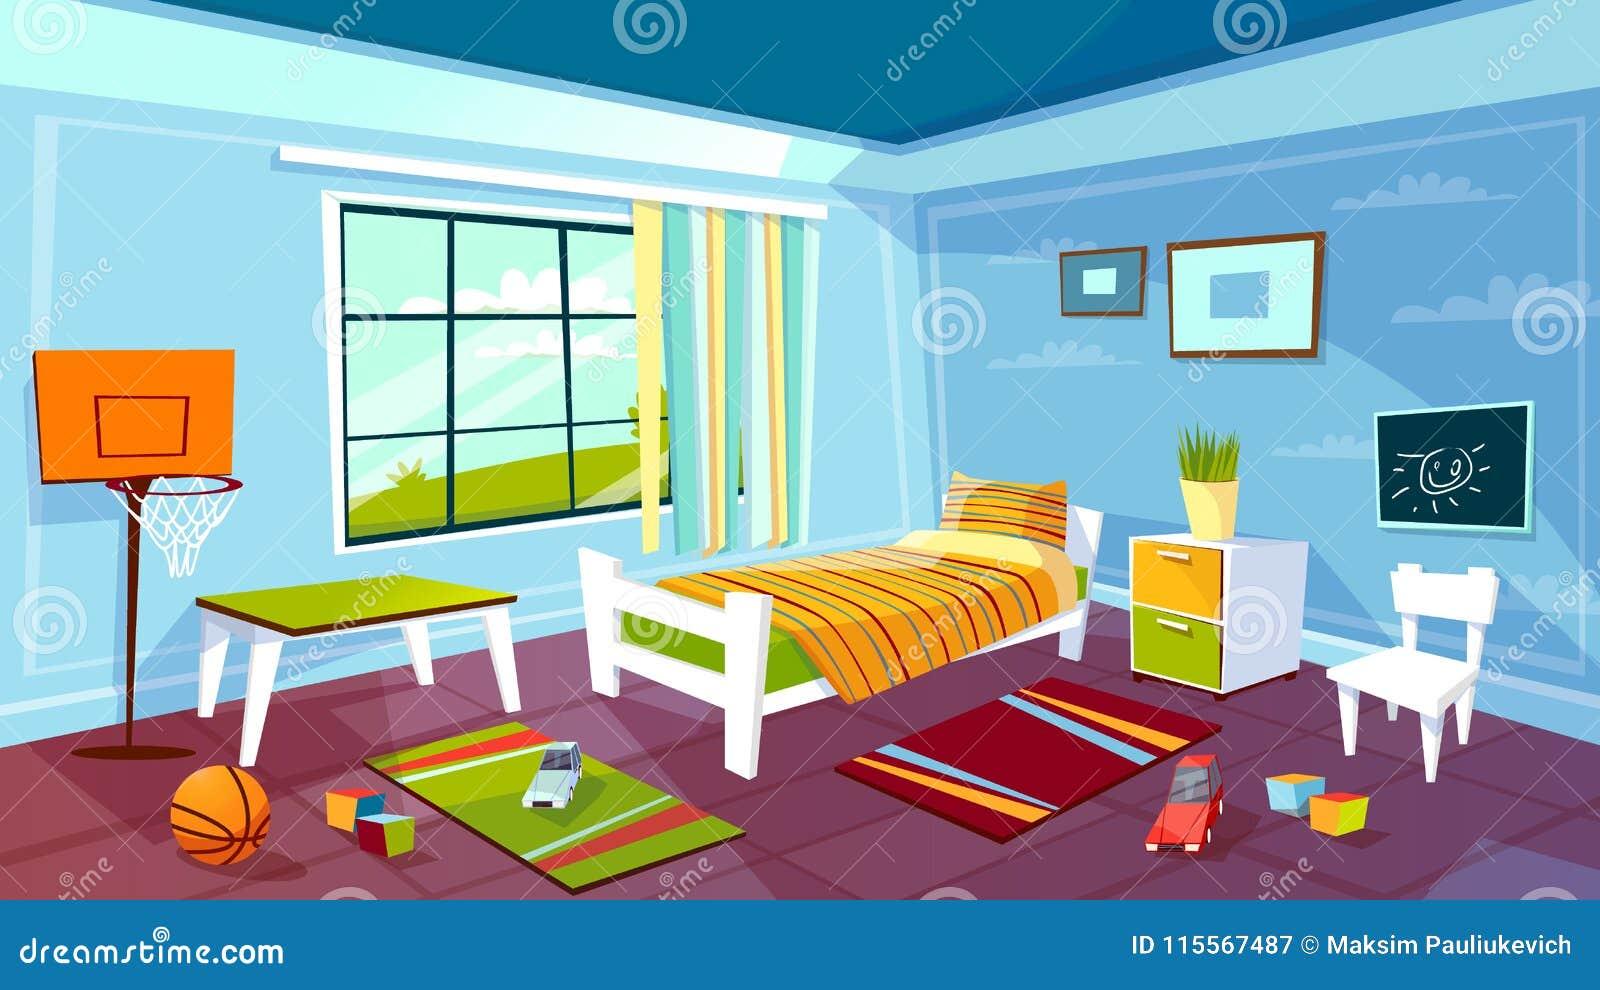 Cartoon Room: Child Room Vector Cartoon Illustration Of Kid Boy Bedroom